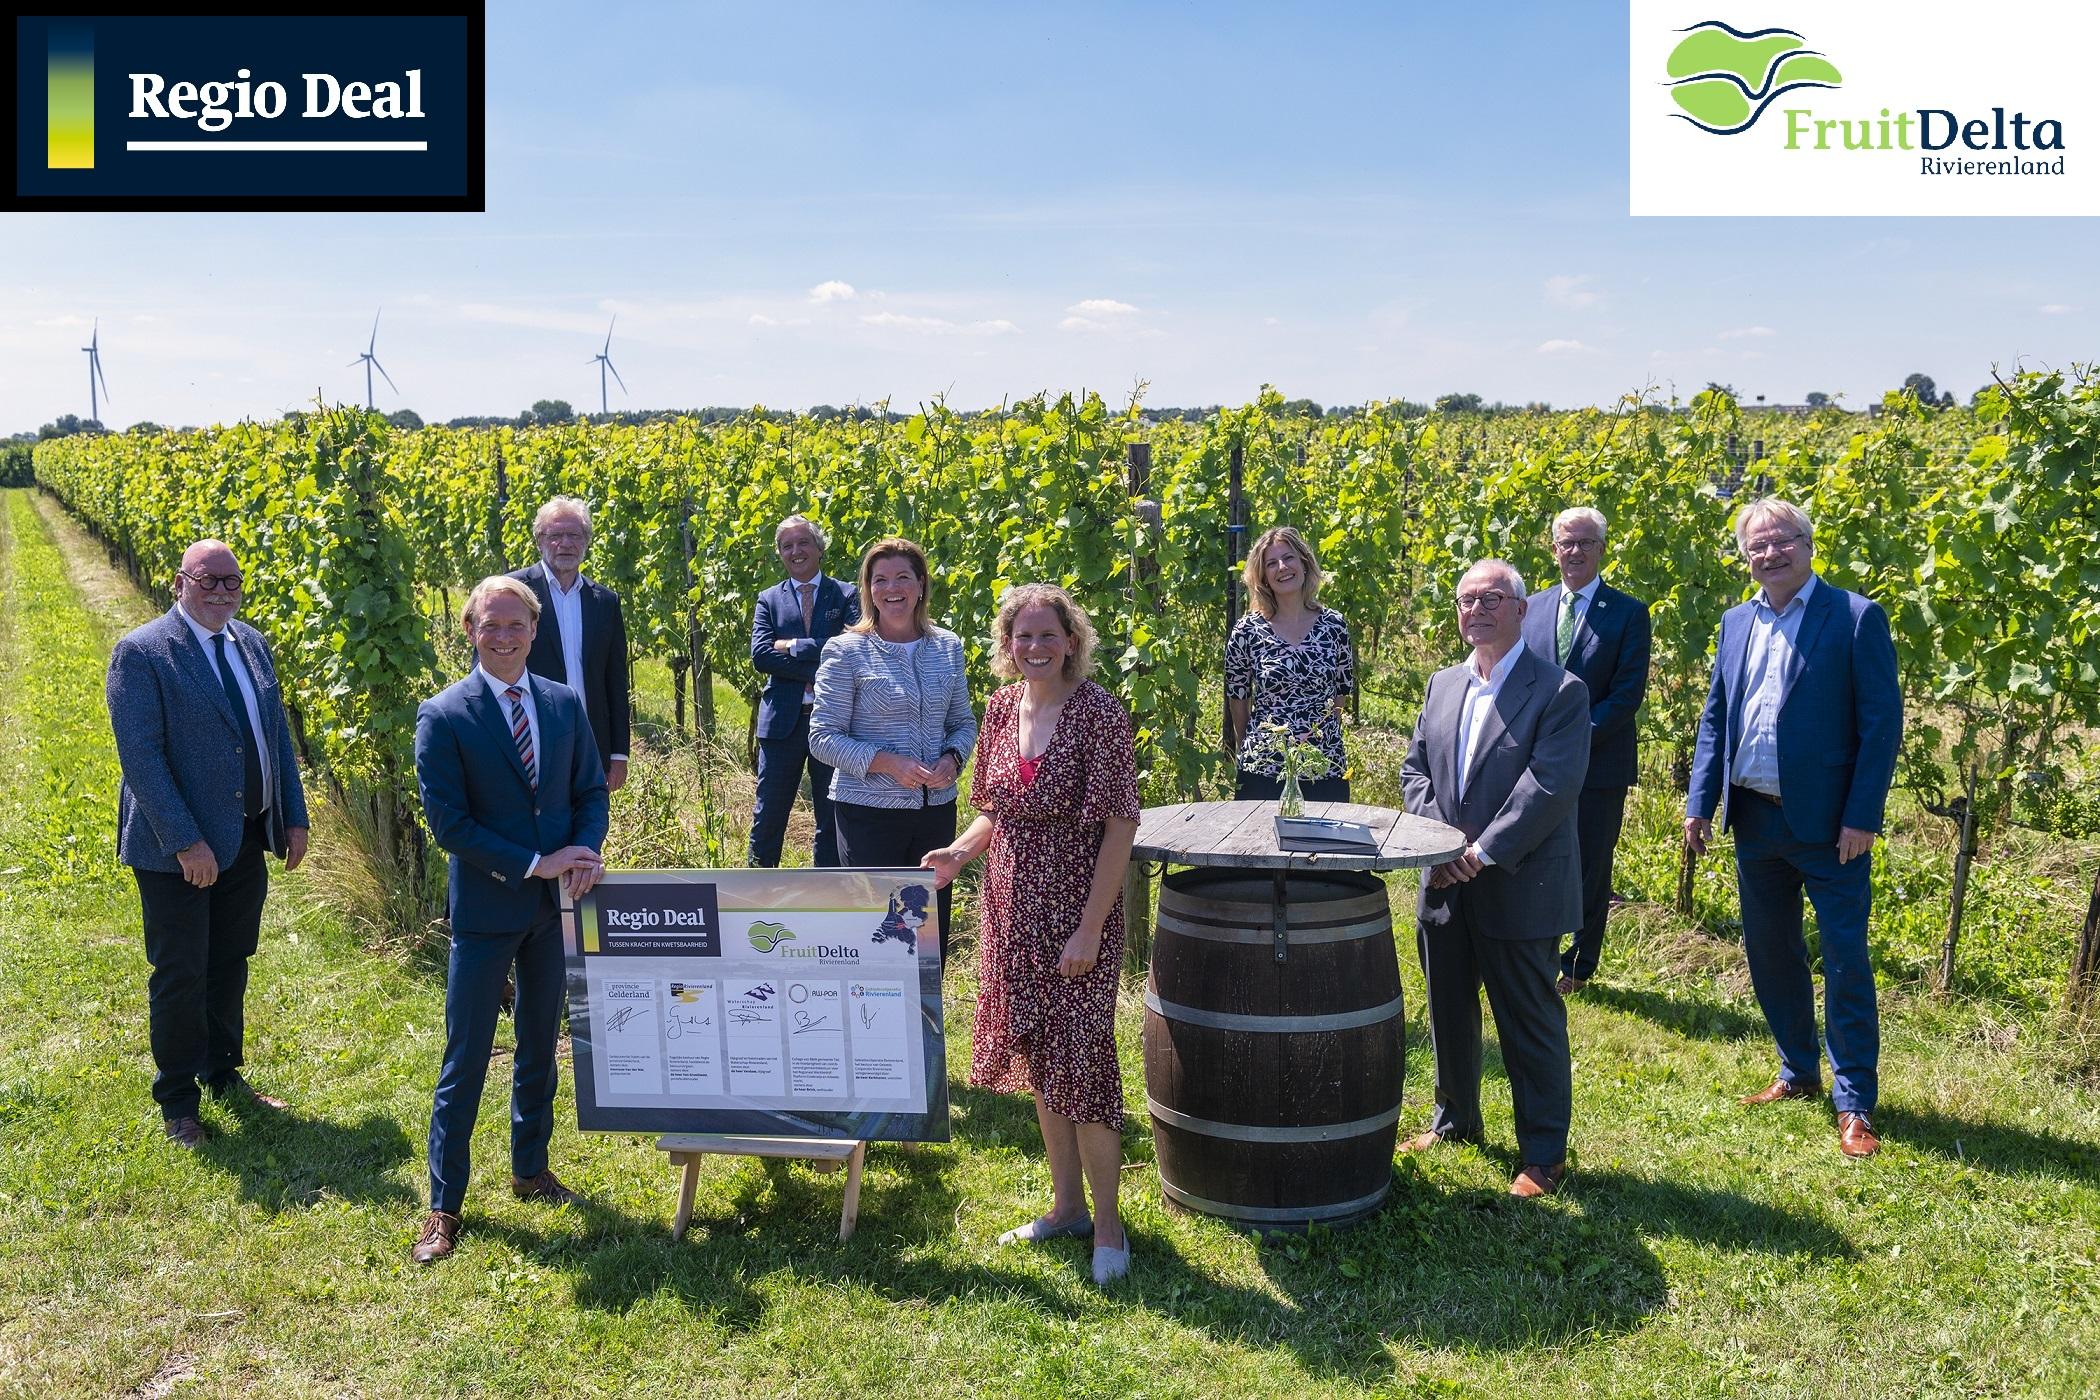 Ondertekening Regio Deal FruitDelta Rivierenland_met logo's